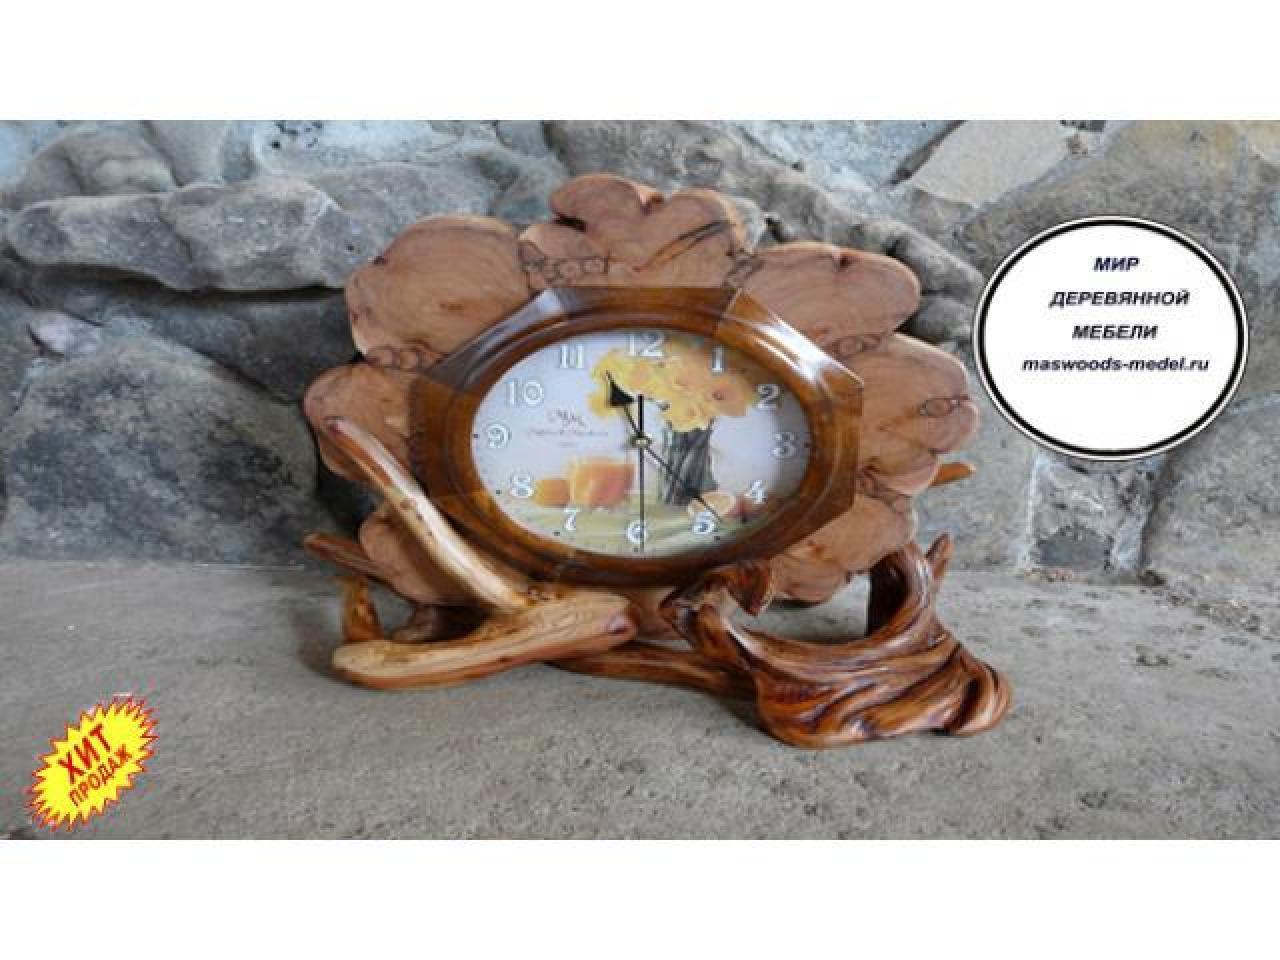 Часы из можжевельника тополя ручной работы - 5